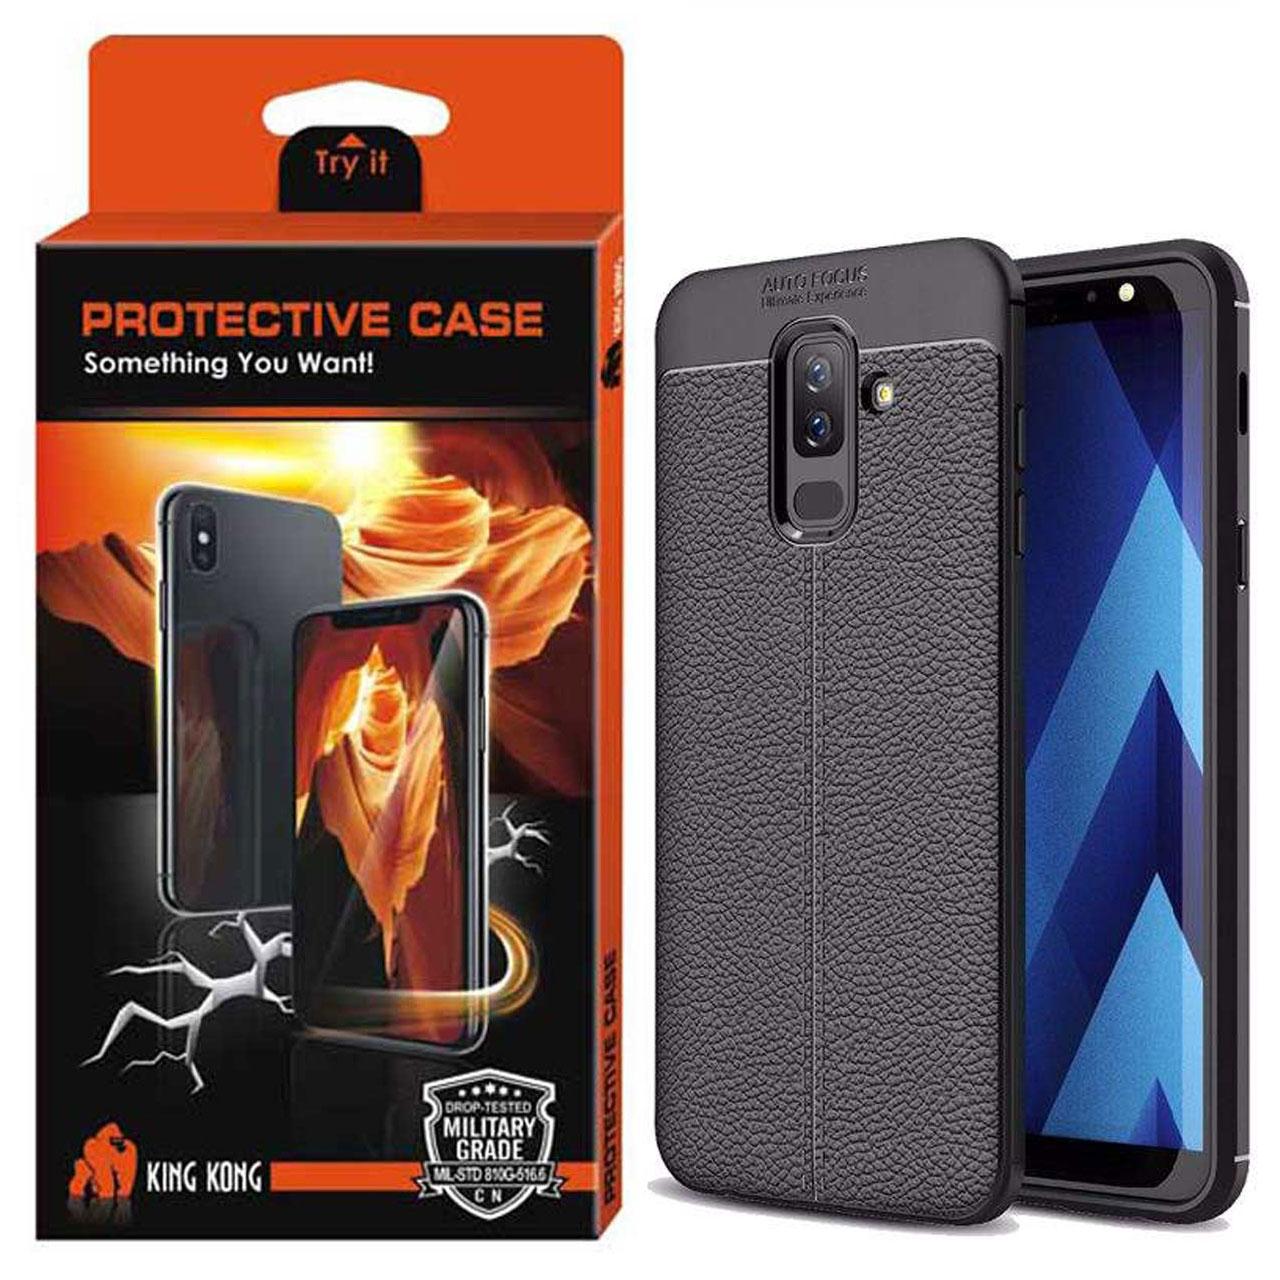 کاور کینگ کونگ مدل اتوفوکوس مناسب برای گوشی موبایل سامسونگ Galaxy J6 Plus